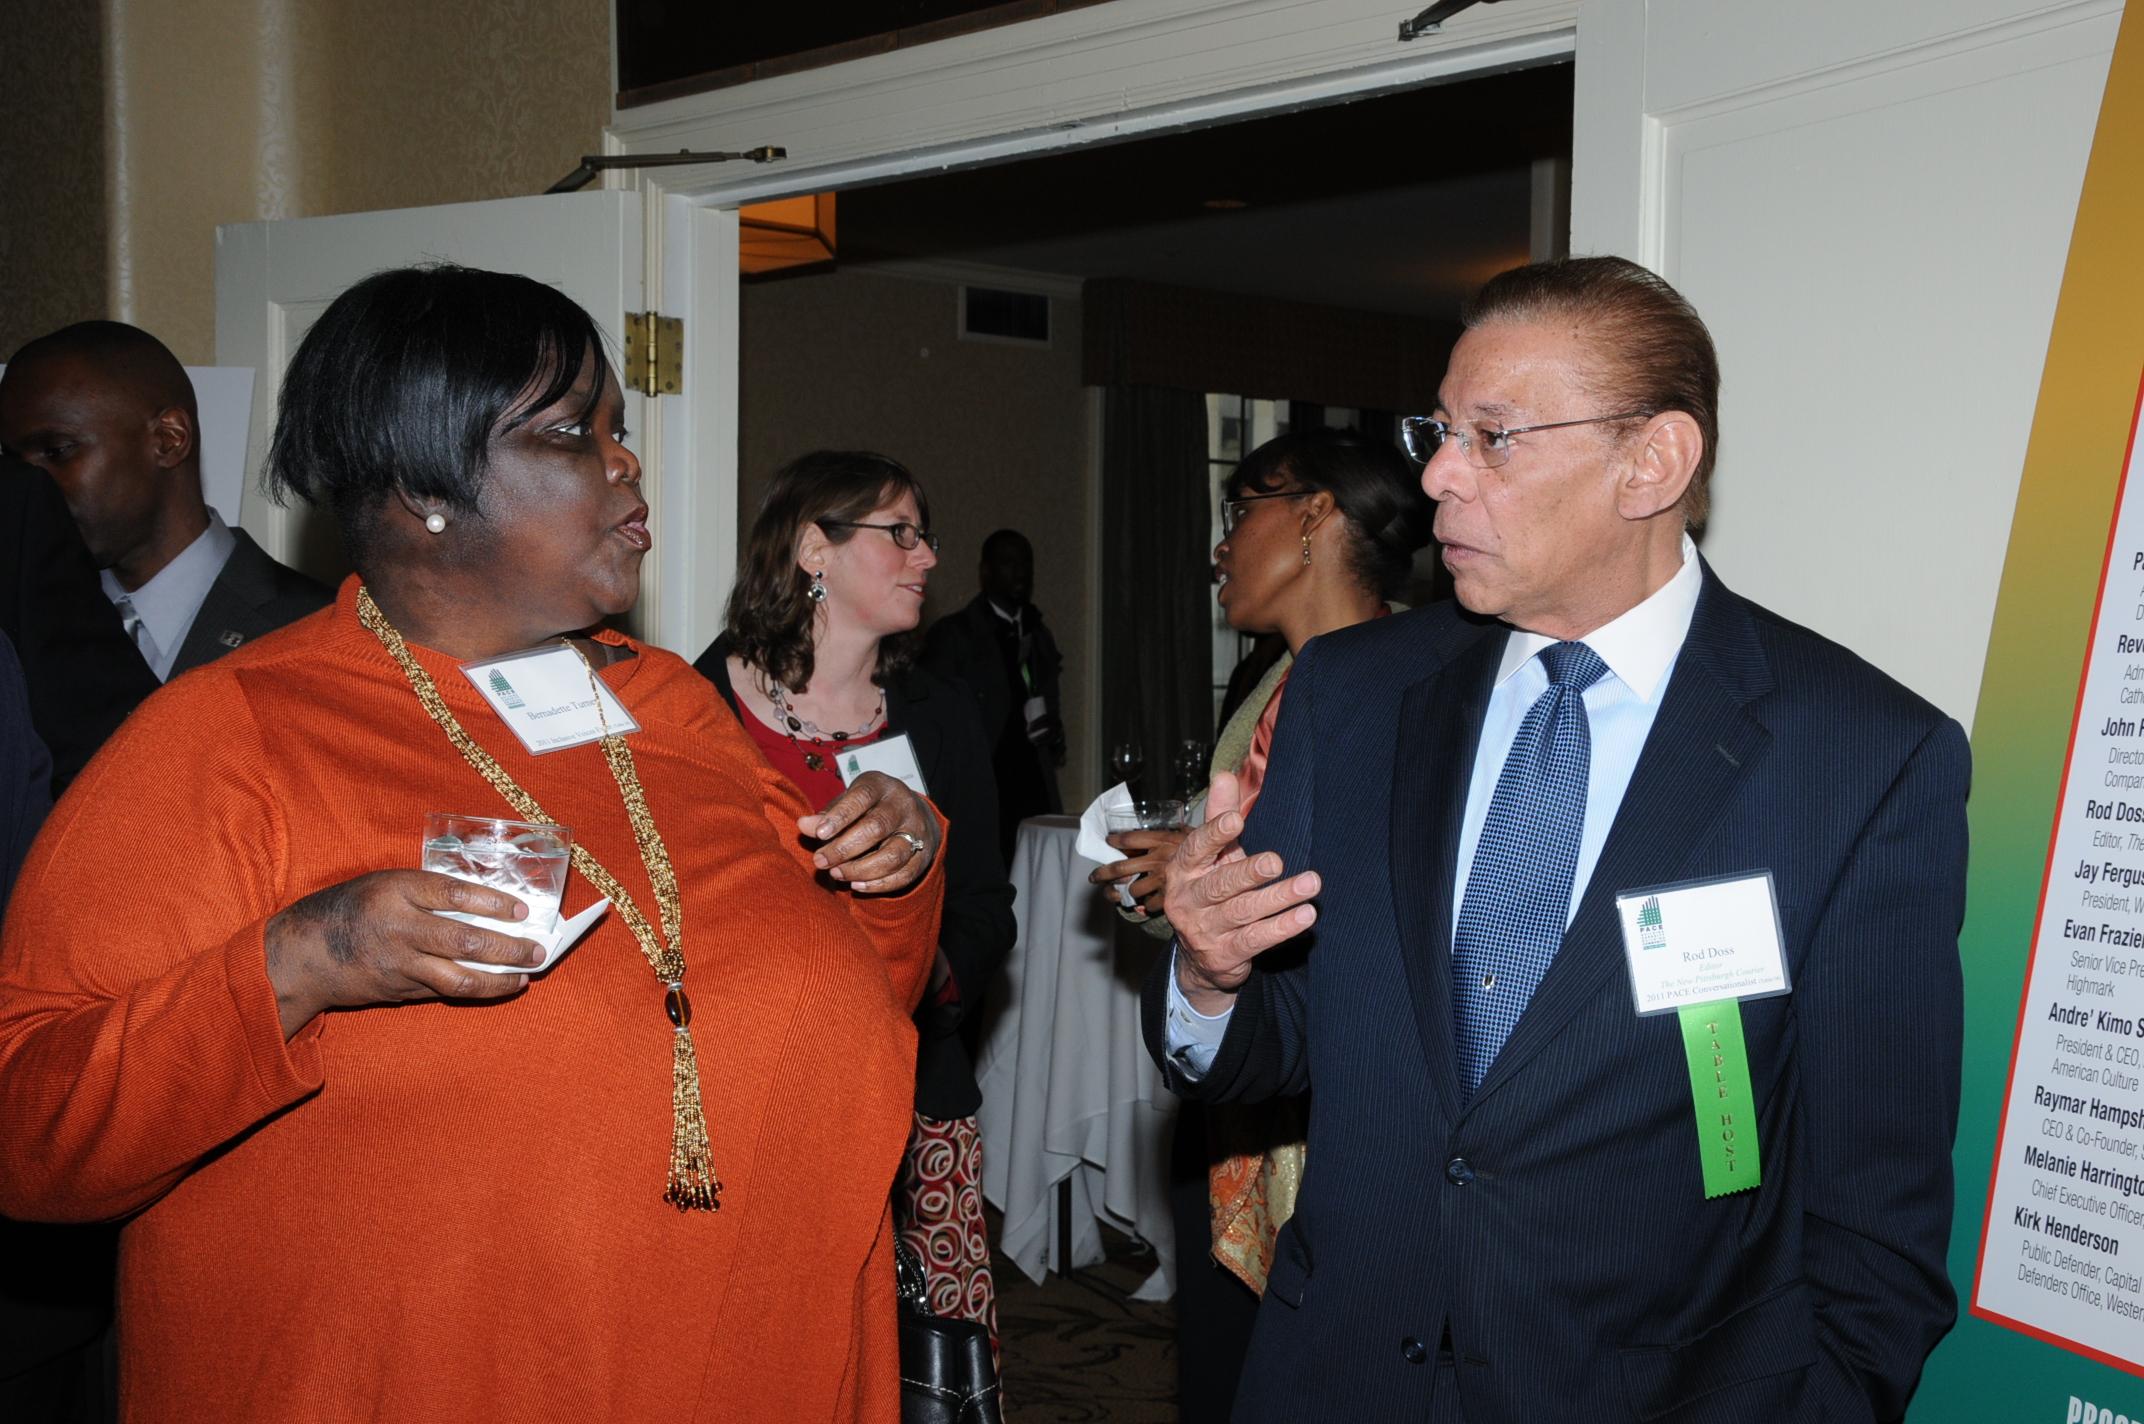 Bernadette Turner & Rod Doss.JPG